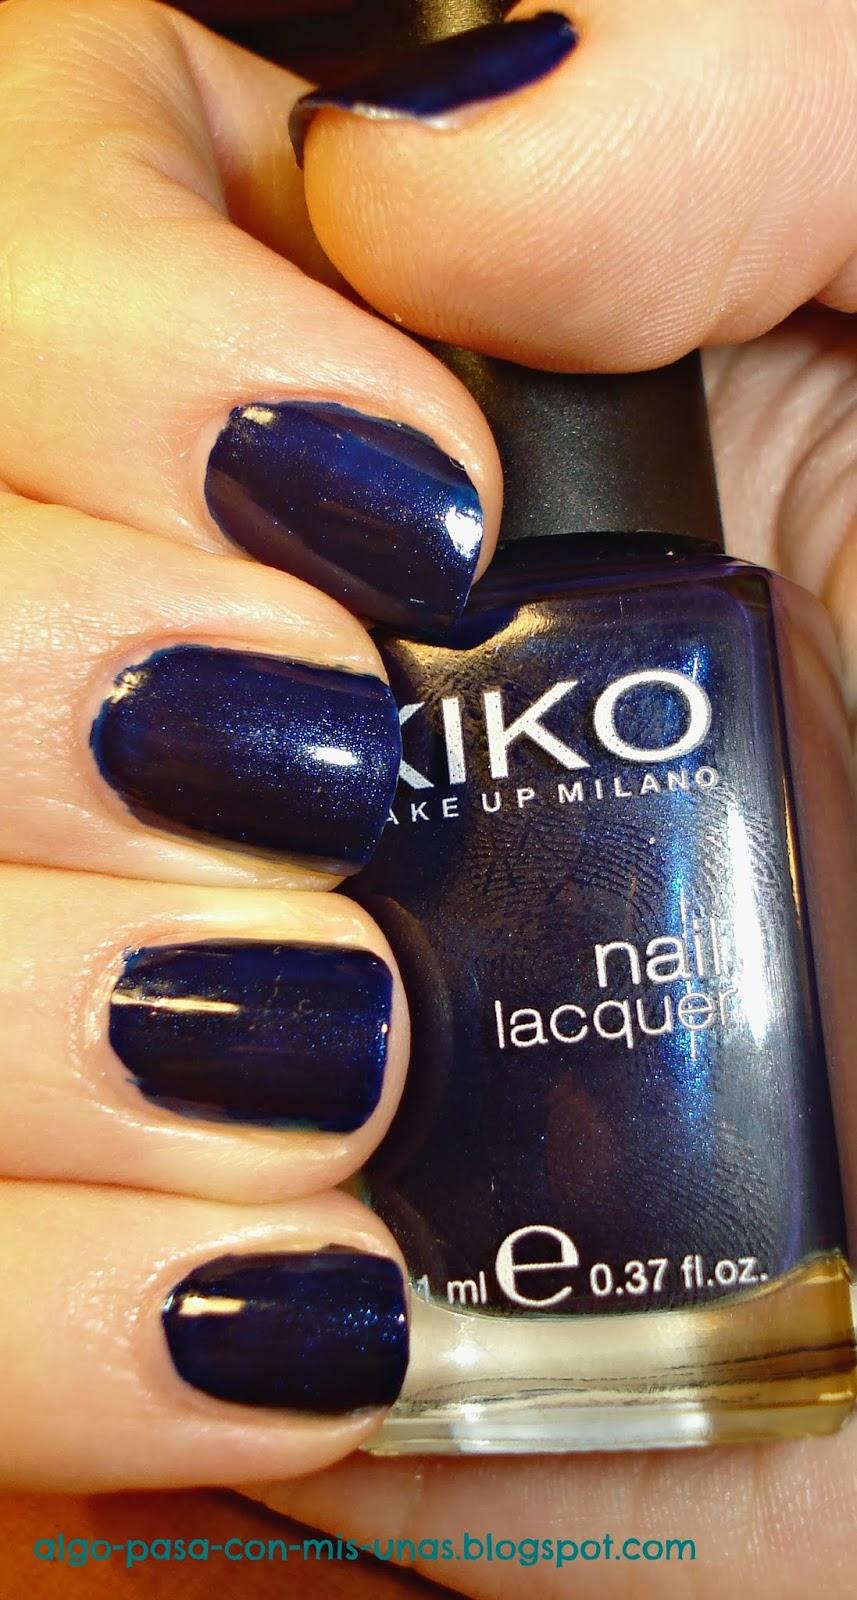 Algo pasa con mis uñas: Swatch esmaltes - Kiko 265 China Blue